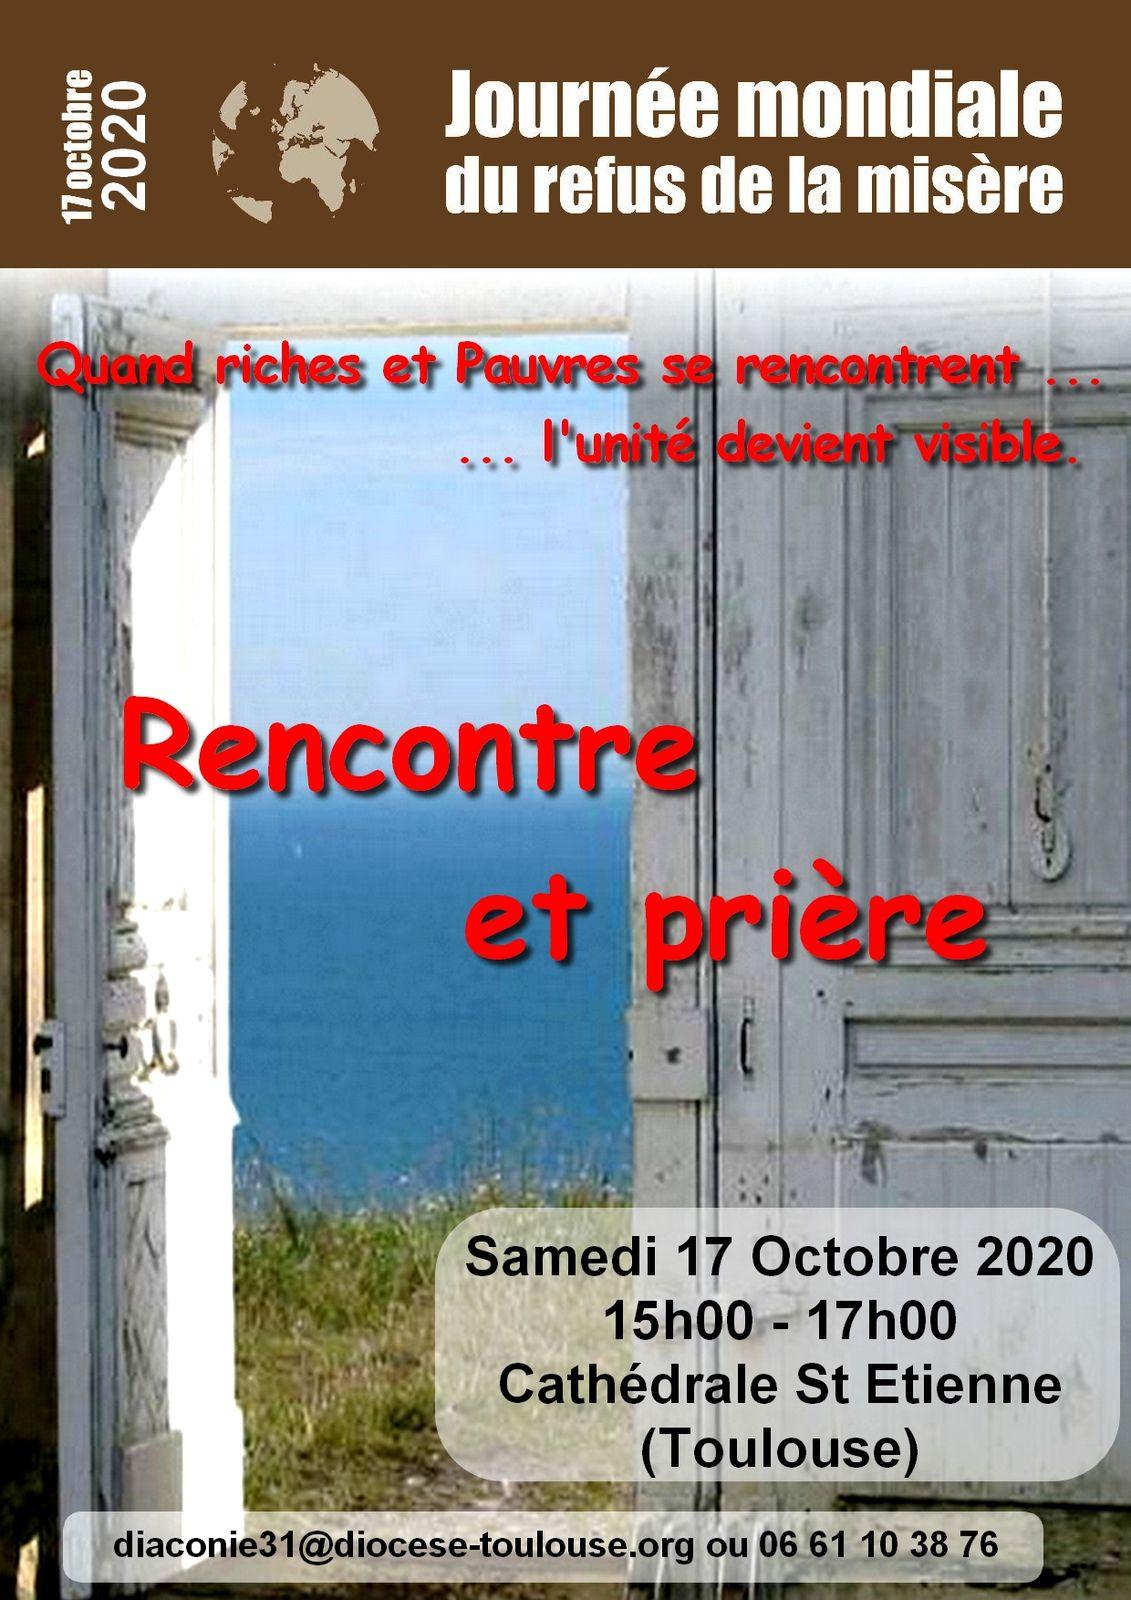 Journée Mondiale du refus de la misère samedi 17 octobre à Toulouse